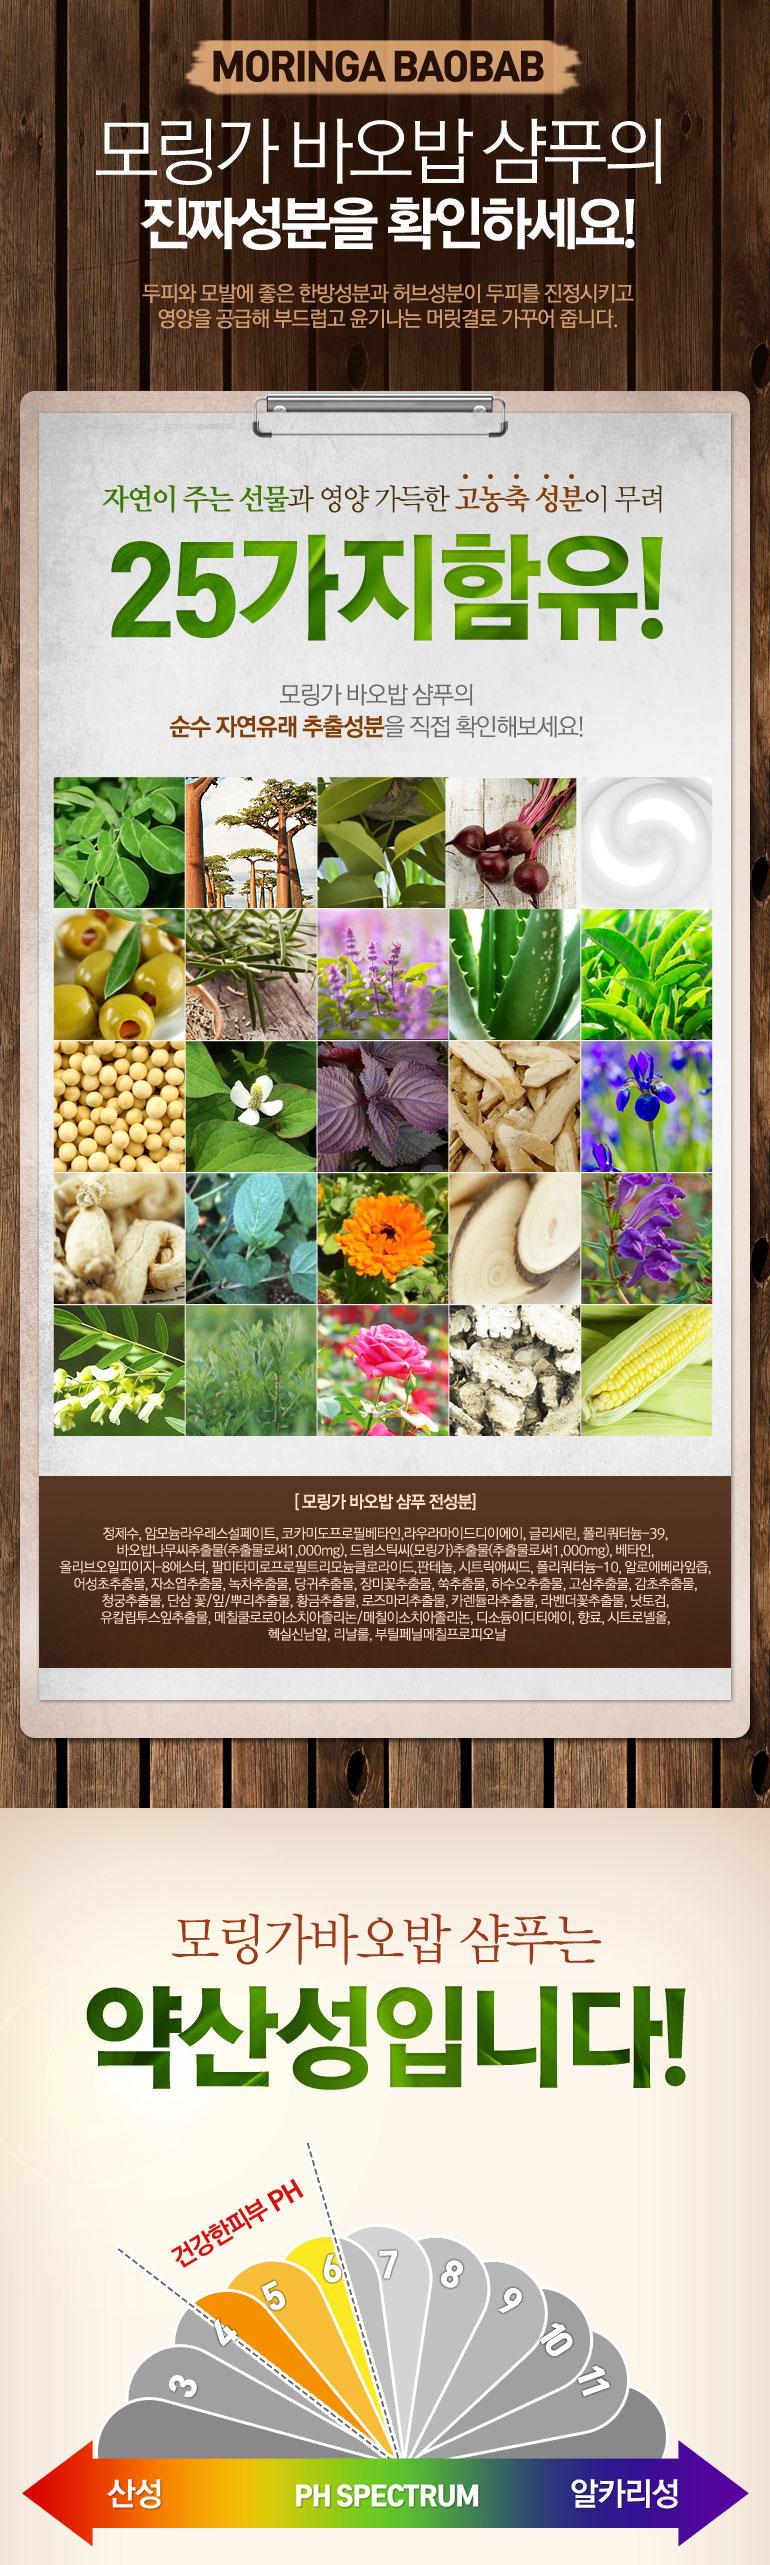 Moringa_05-01.jpg